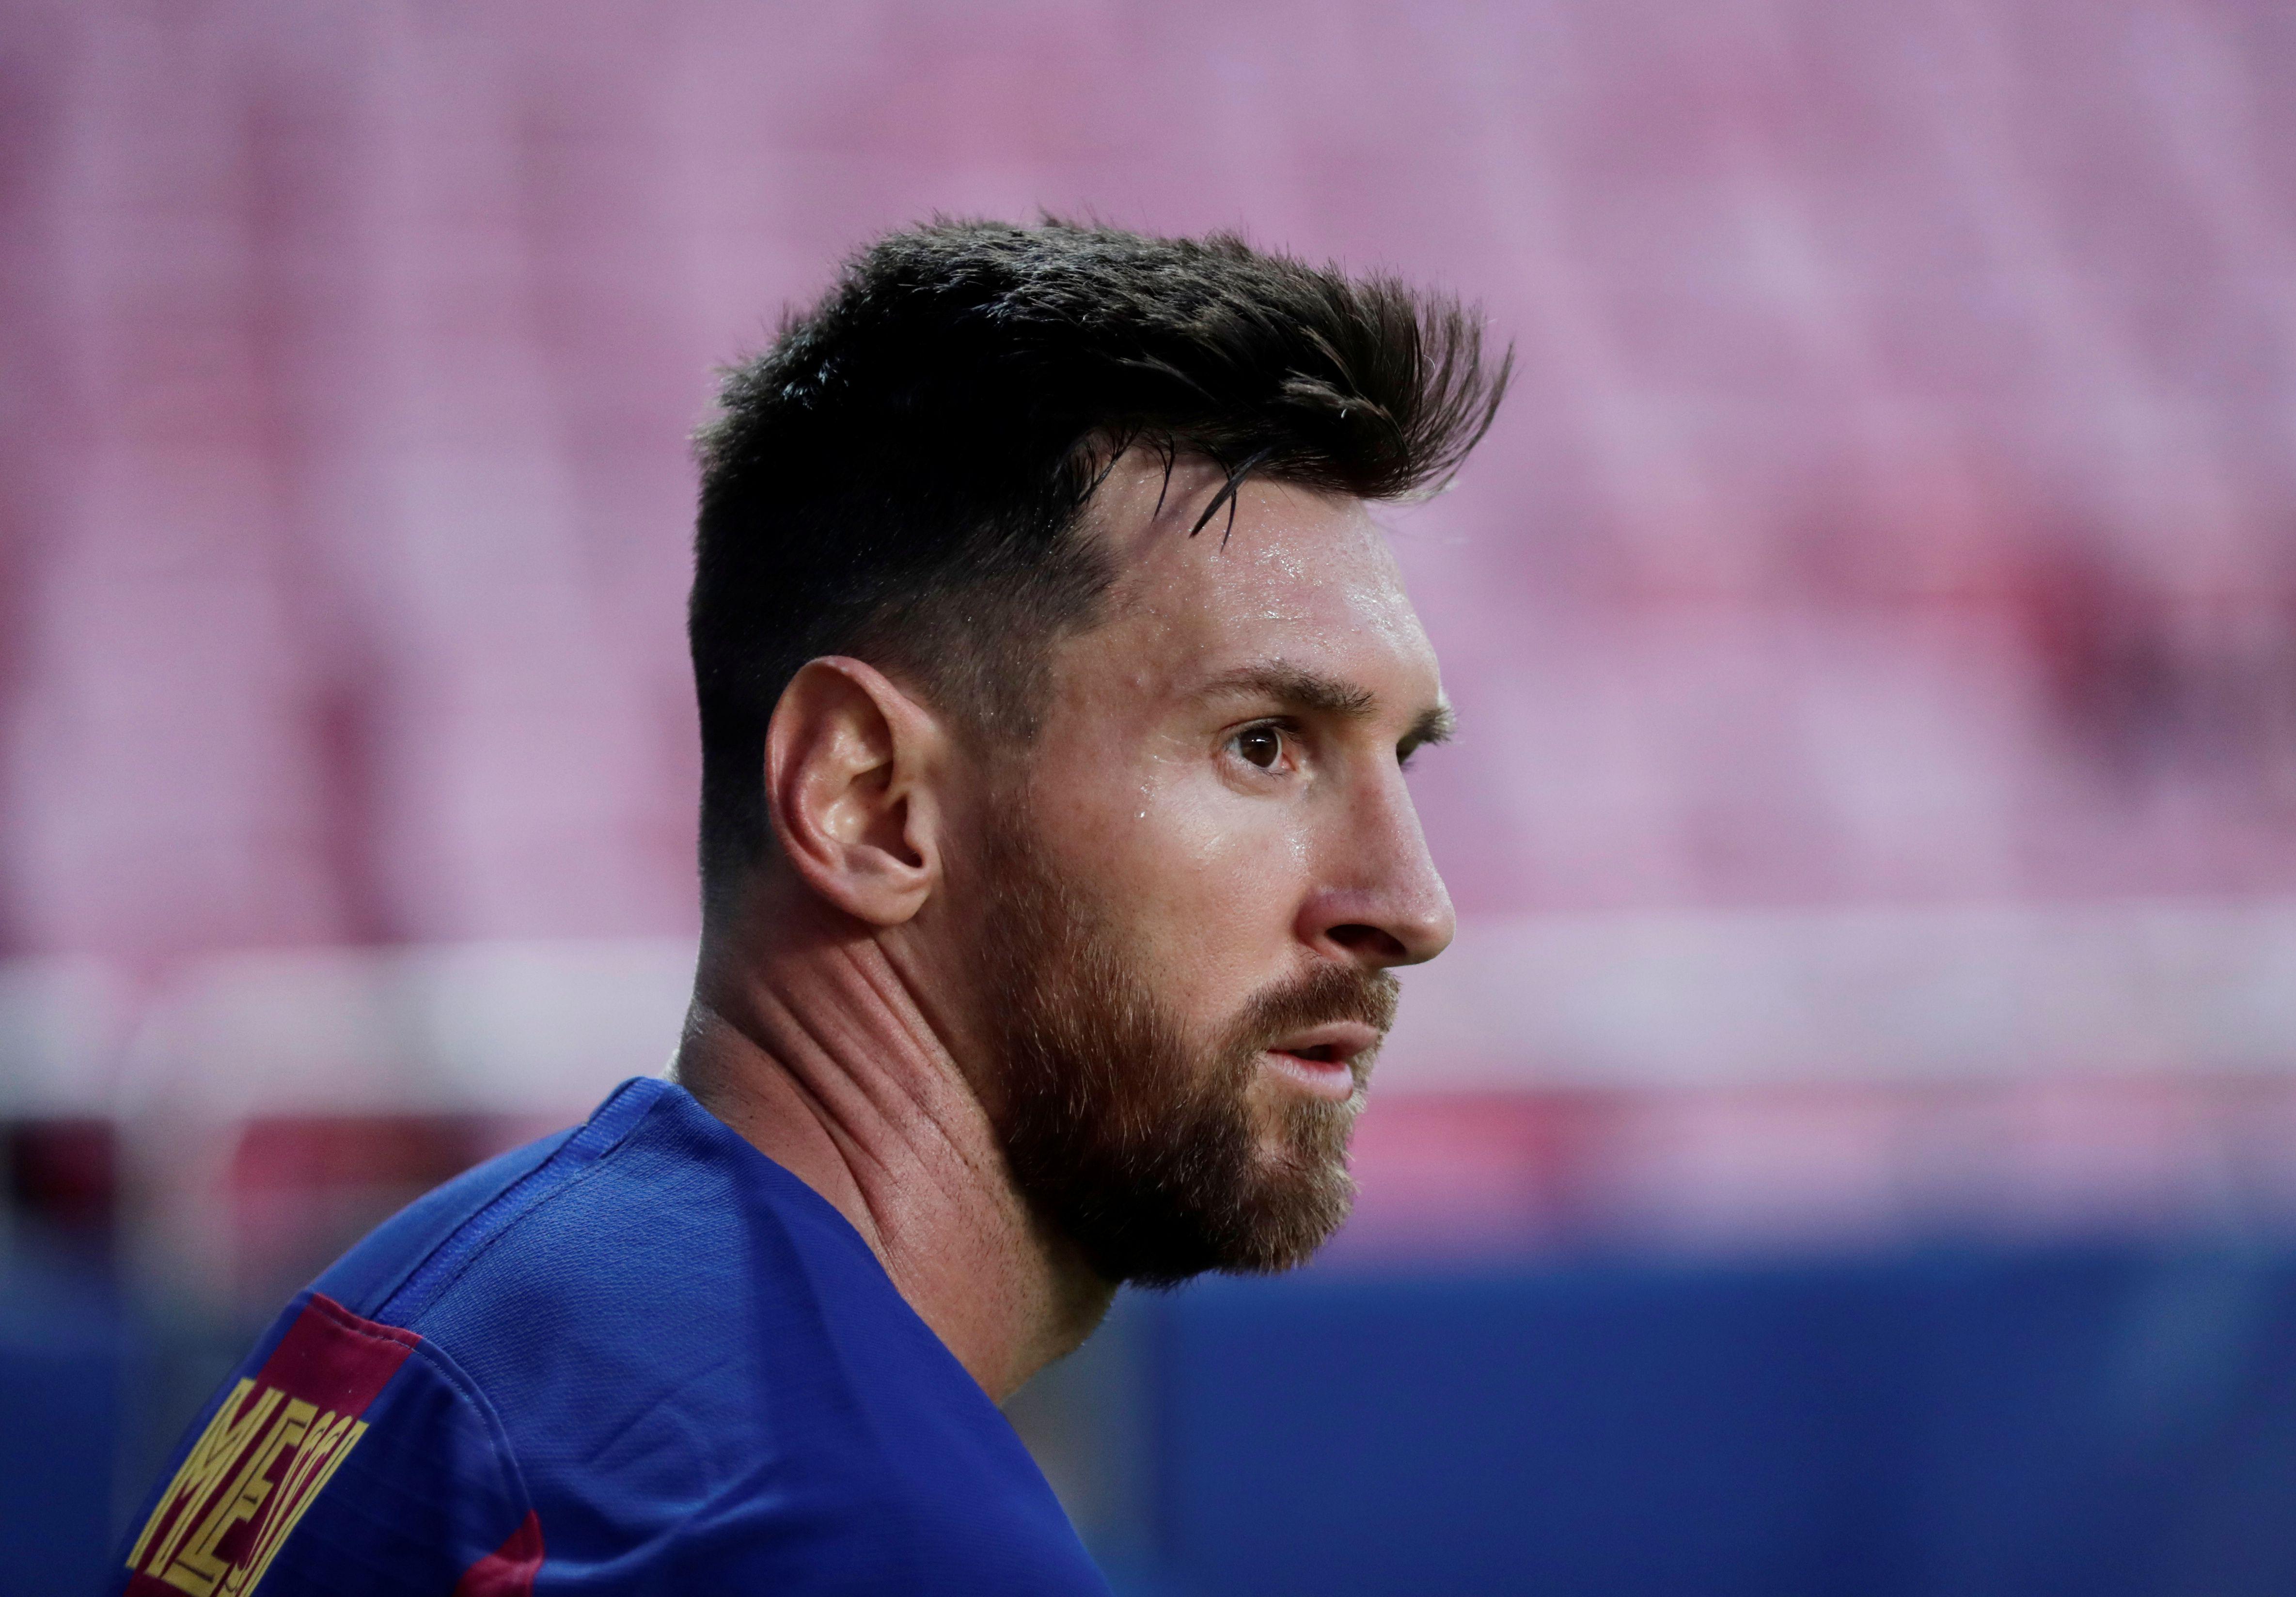 La relación entre Messi y la directiva del Barcelona parece estar muy resquebrajada (Manu Fernandez/Pool via REUTERS)